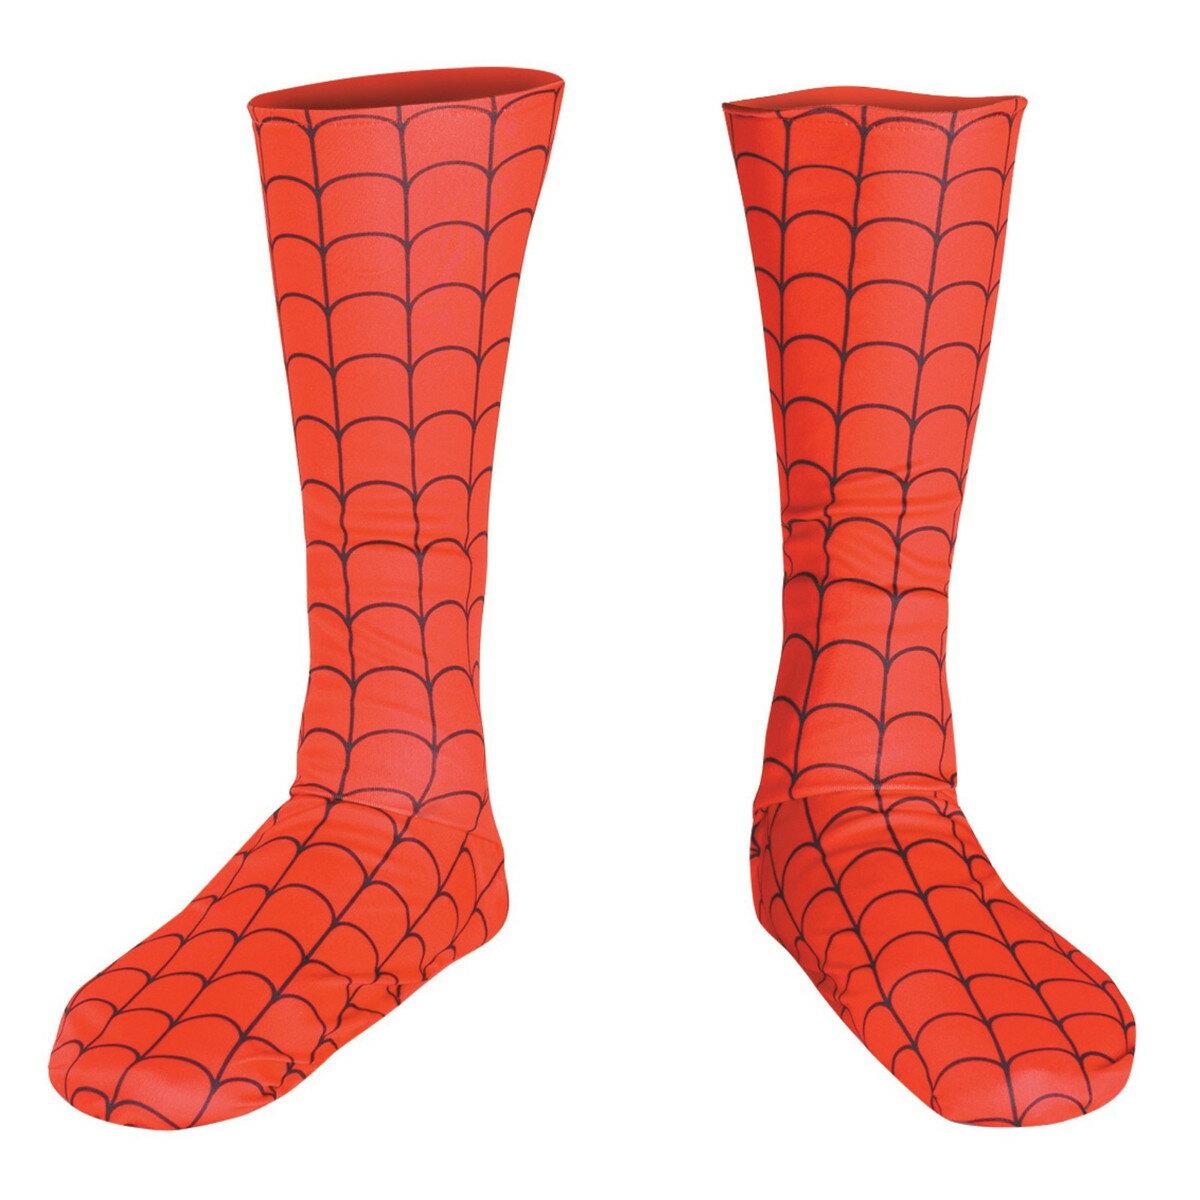 在庫処分市 ハロウィン スパイダーマン グッズ コスチューム コスプレ 大人用 ブーツカバー グッズ アメイジングスパイダーマン グッズ ヒルナンデス あす楽